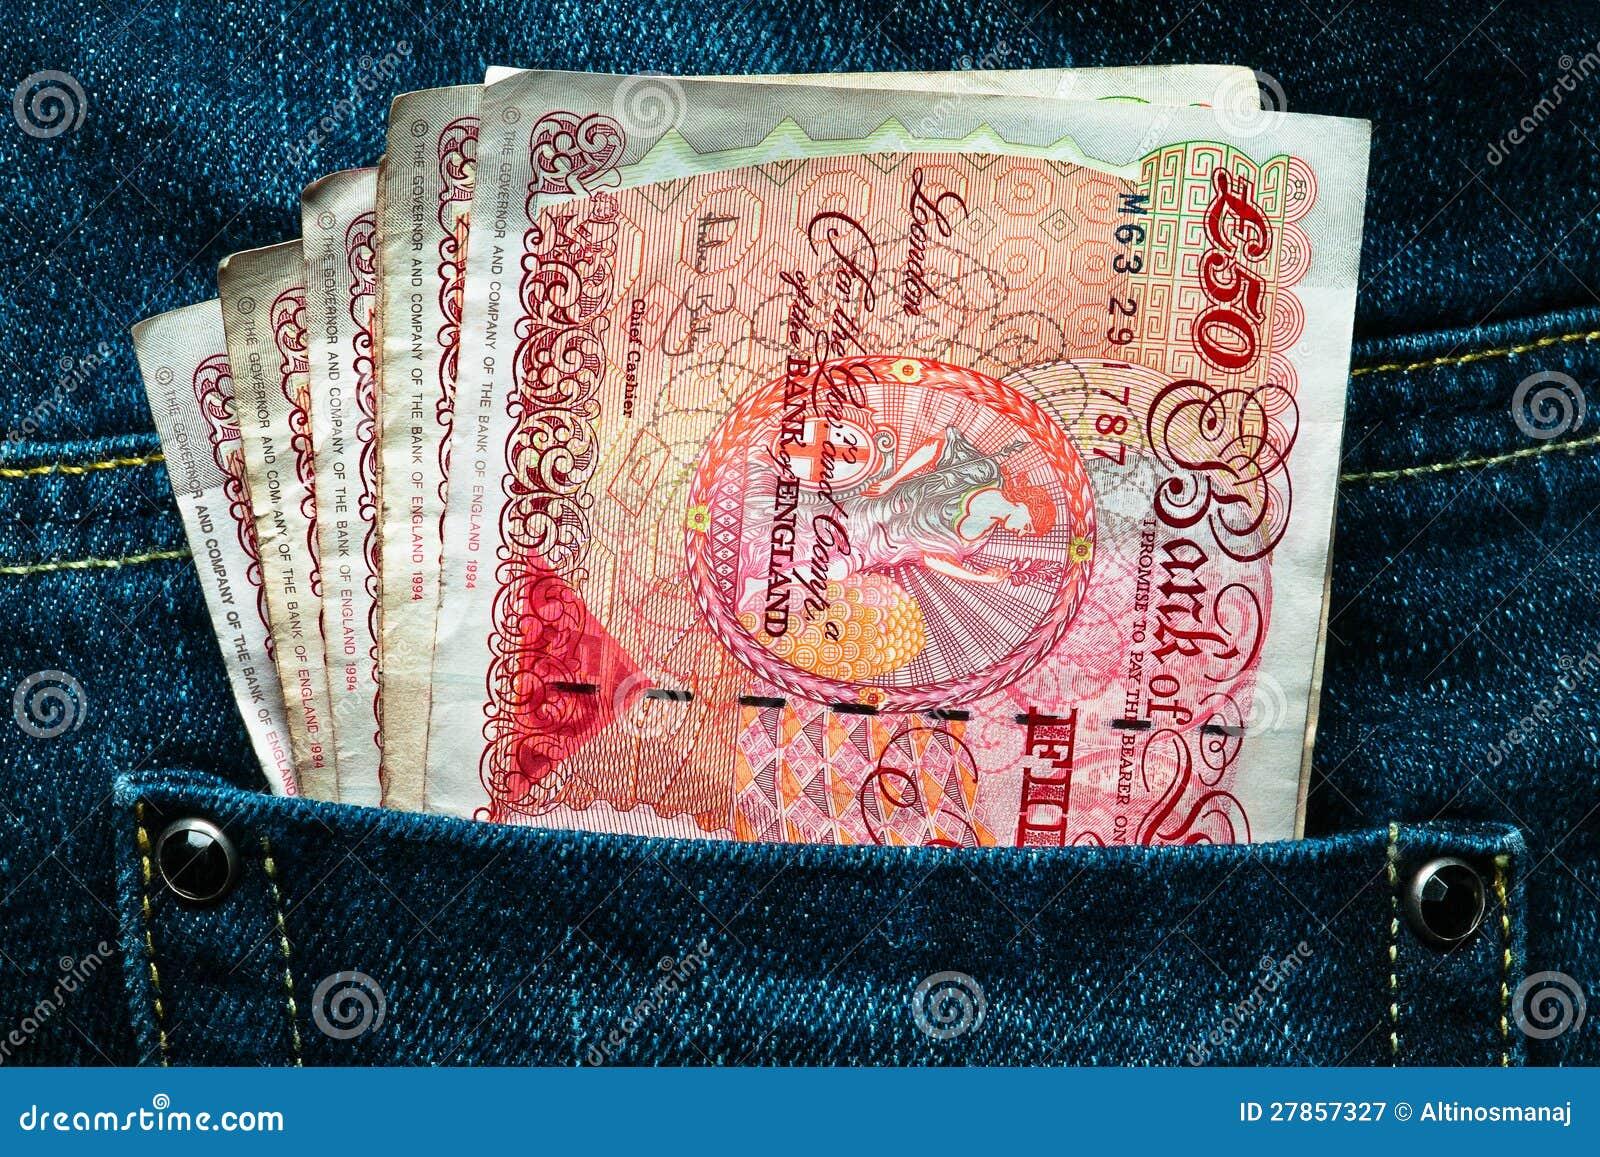 Fünfzig Pfund Bargeld in einer Tasche